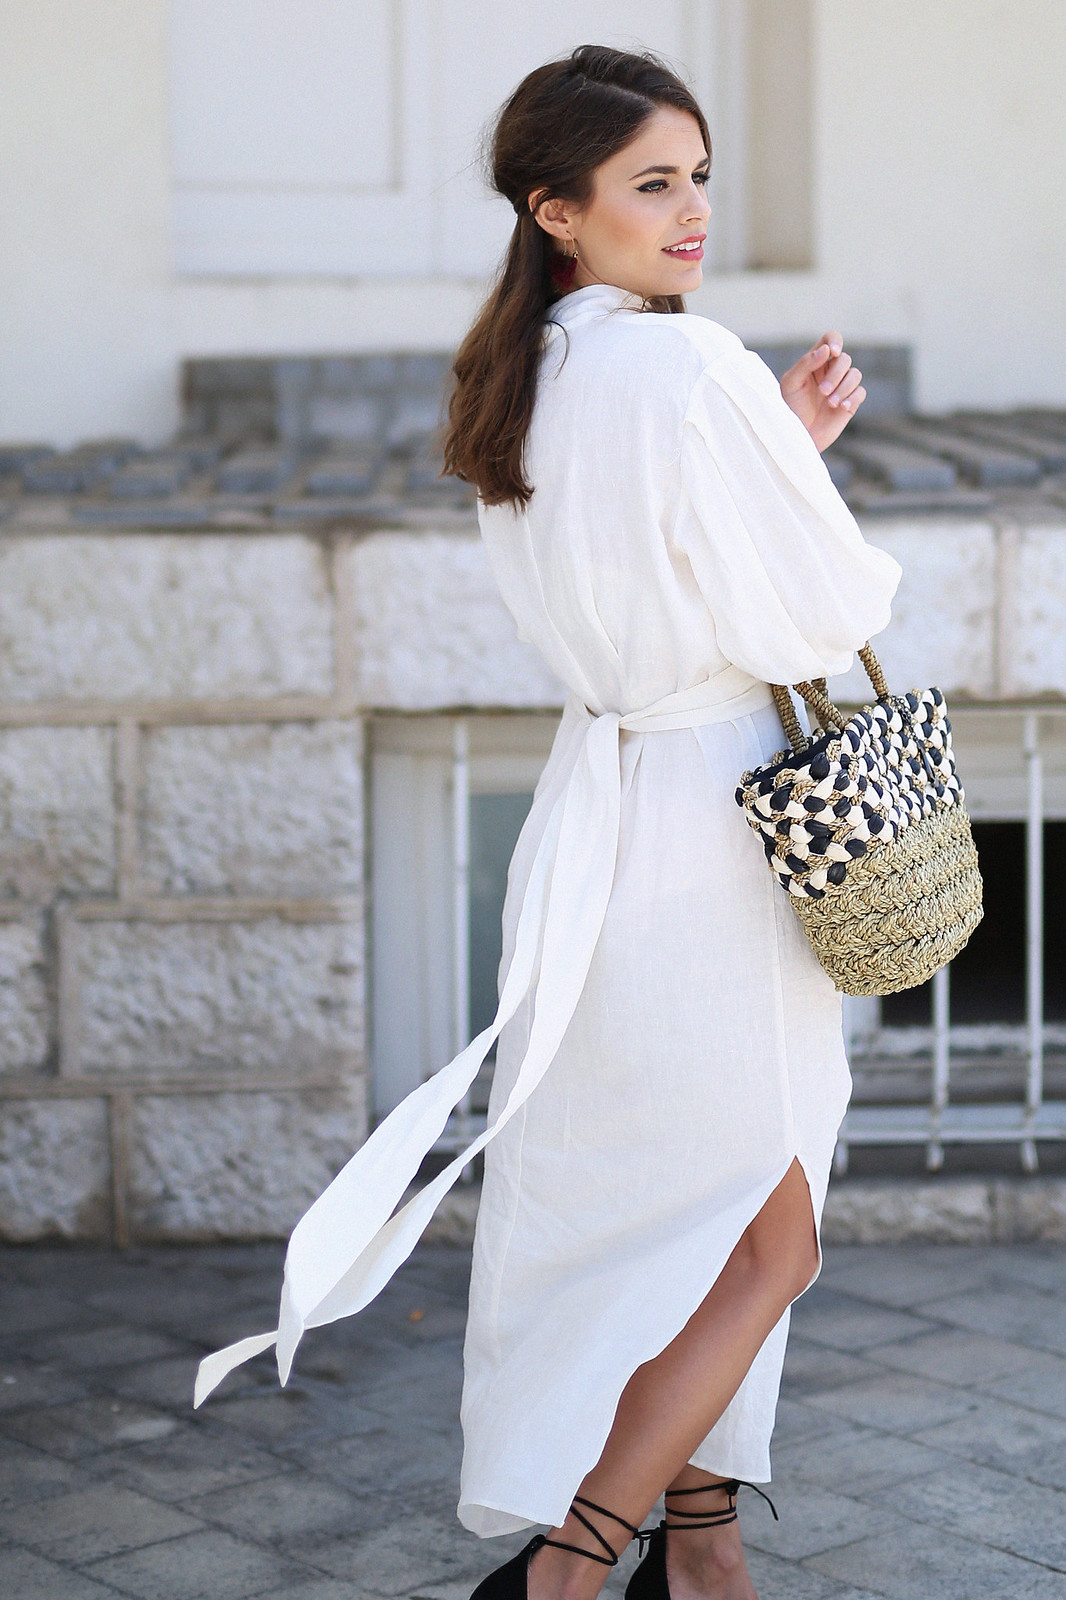 jessie chanes seams for a desire zara vestido lino capazo rafia-14